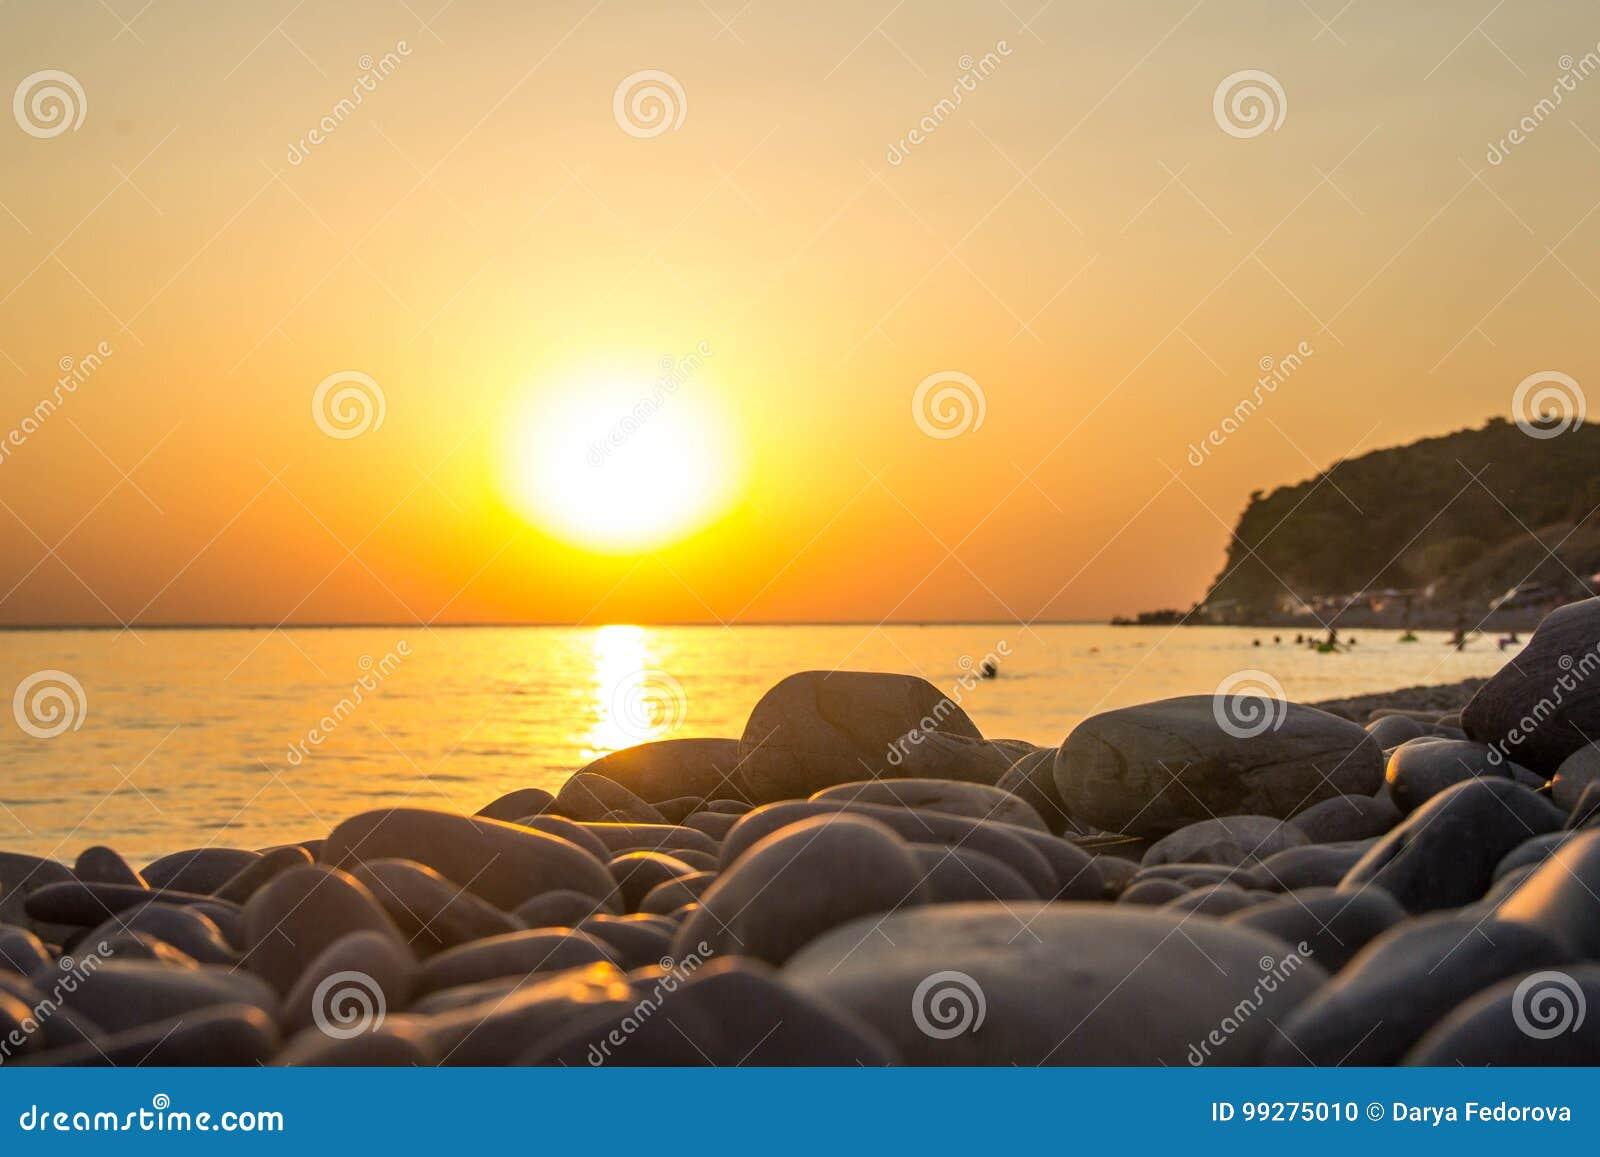 Paisagem de ardência bonita do por do sol no Mar Negro e no céu alaranjado acima dele como um fundo